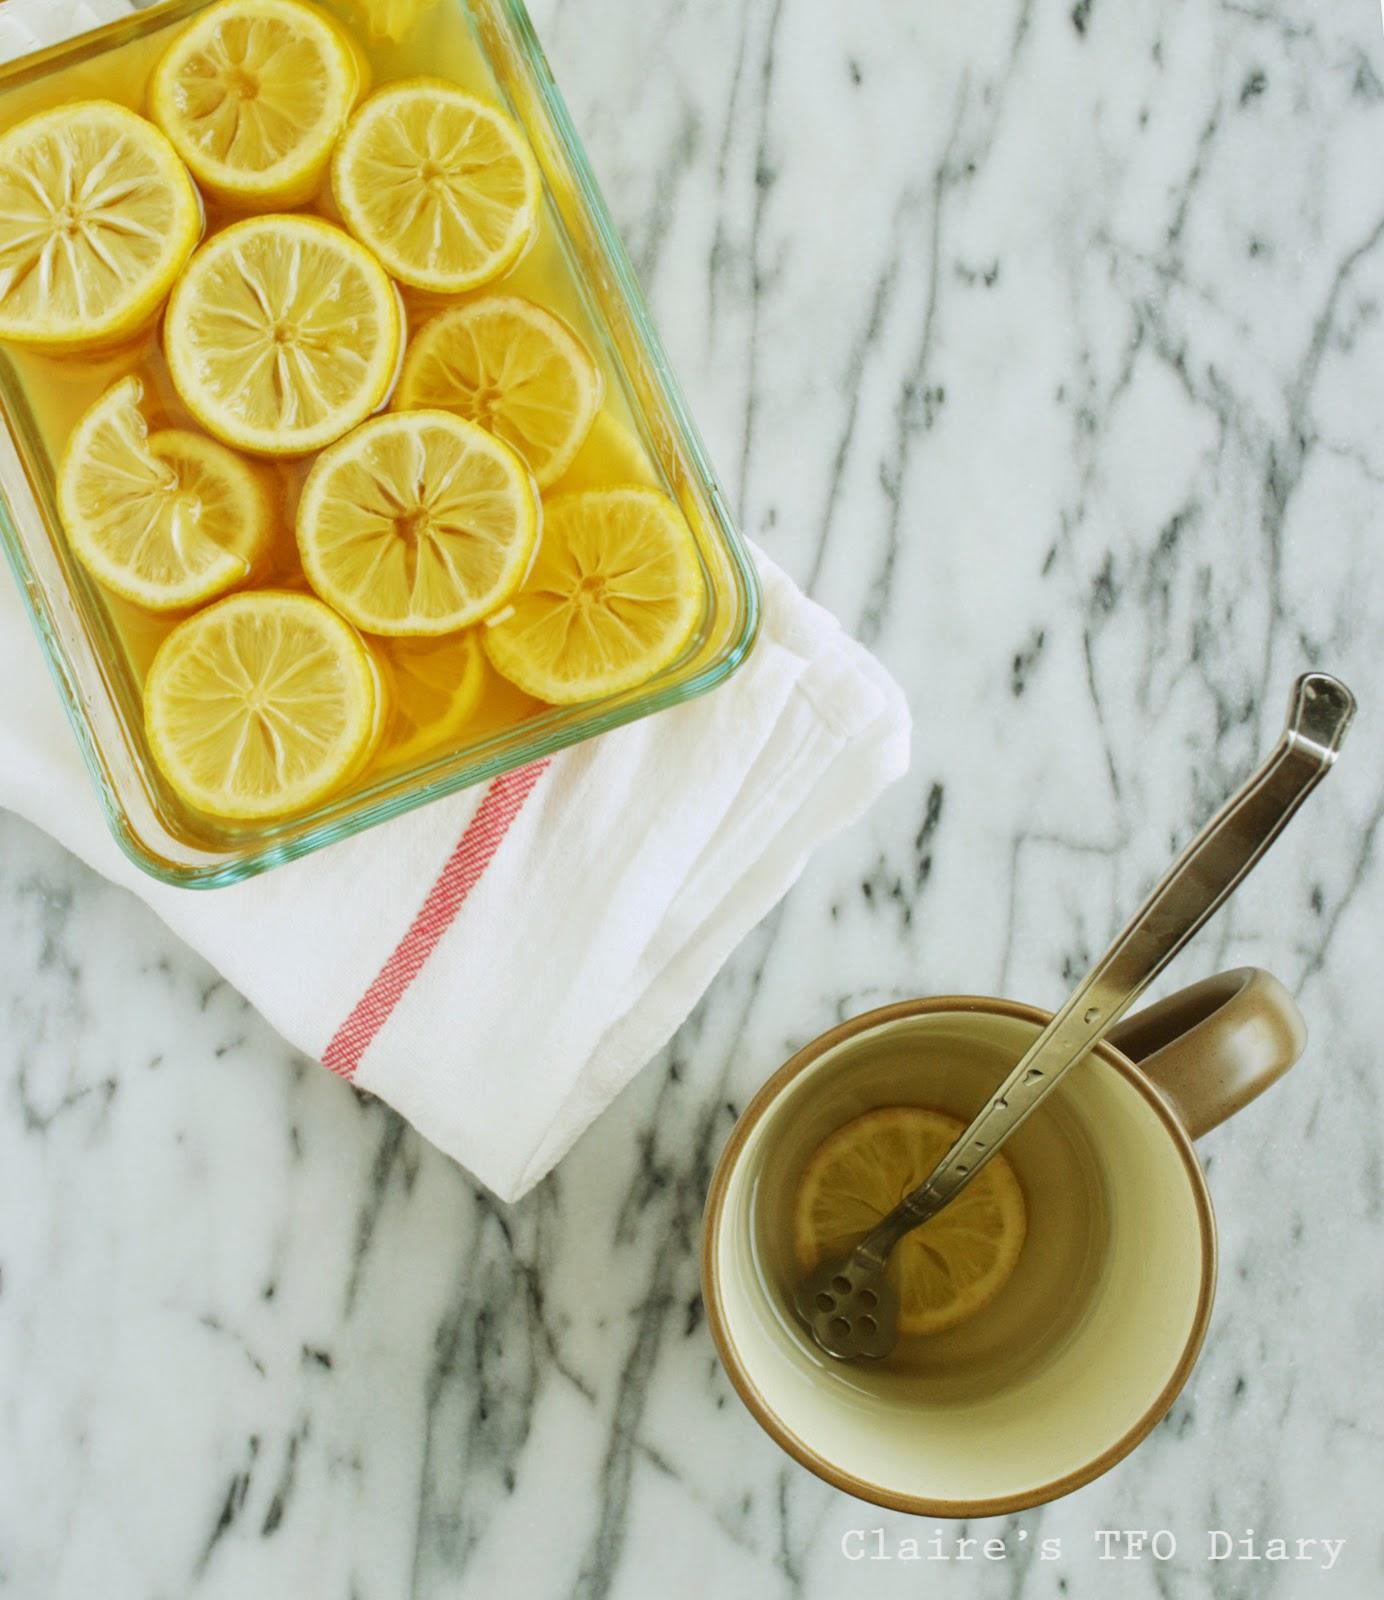 好冷喔,早上來杯溫蜂蜜檸檬水吧~~